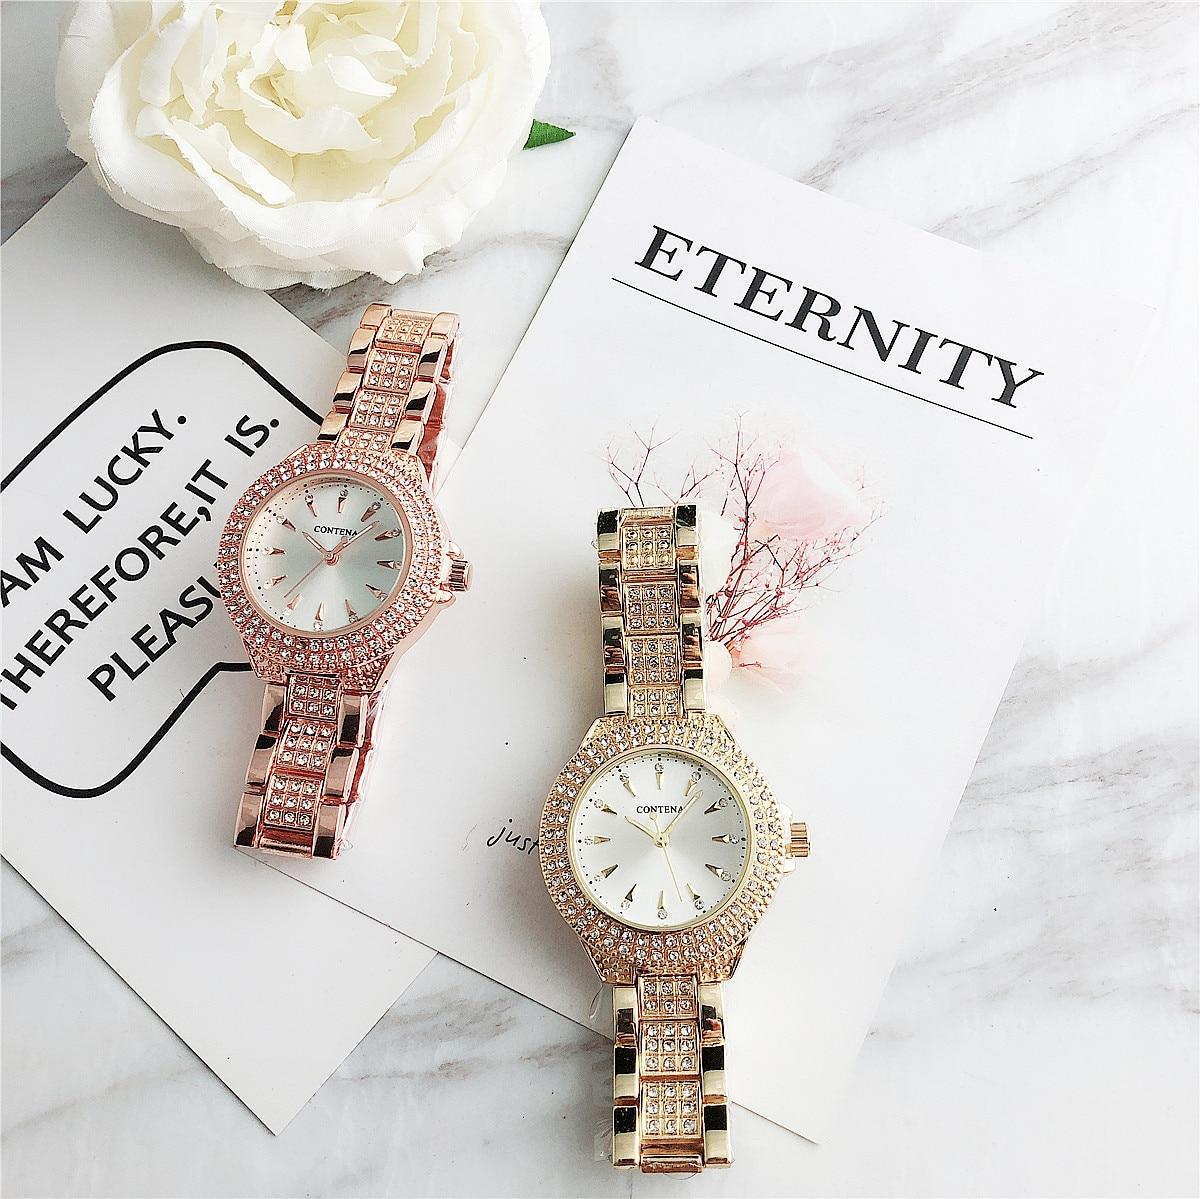 Contena, nuevos Relojes de cuarzo para Mujer, Relojes de cristal de lujo, reloj de pulsera para Mujer, diamantes de imitación para Mujer Nuevo Otoño Invierno Retro Punk mujeres Botas moda cuero genuino botines De Mujer Wram Botas Mujer